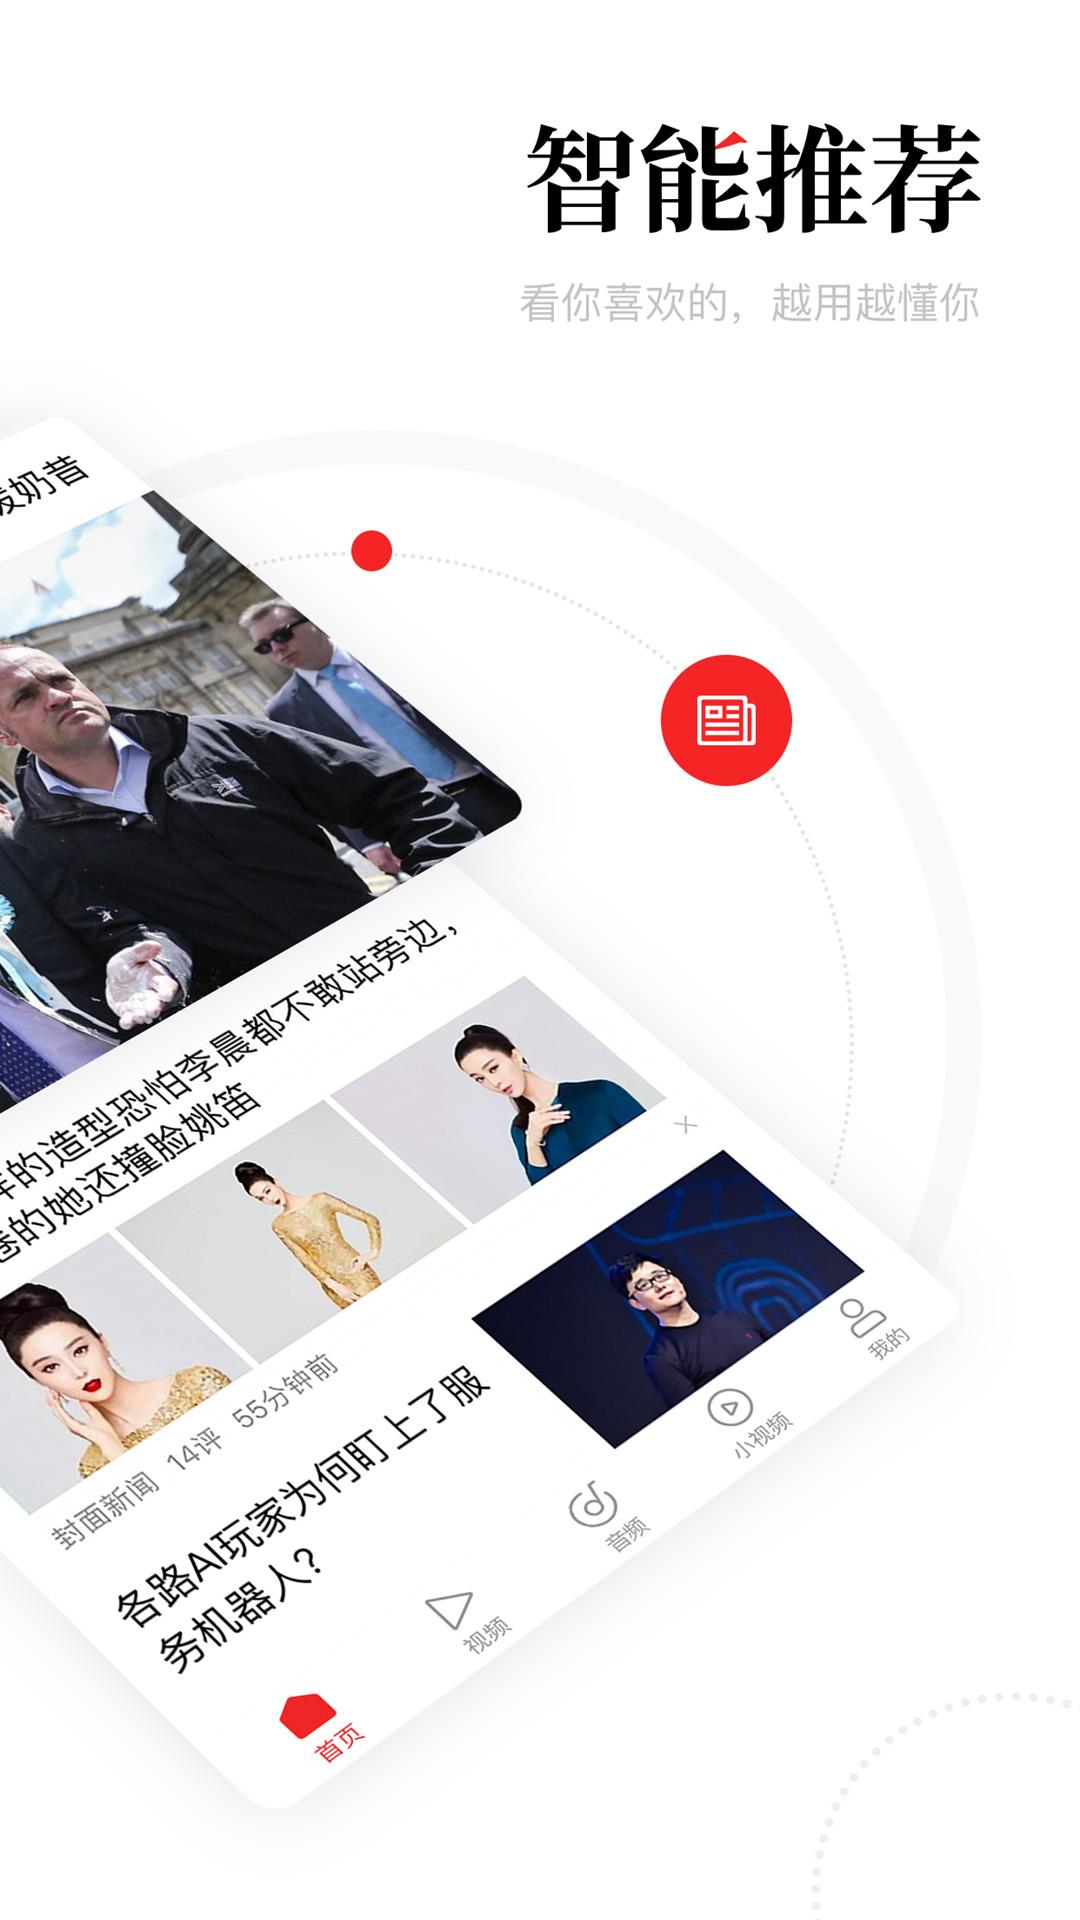 一点资讯App-一点资讯下载-一点资讯安卓/IOS版/PC版安装-飞翔软件一点资讯下载